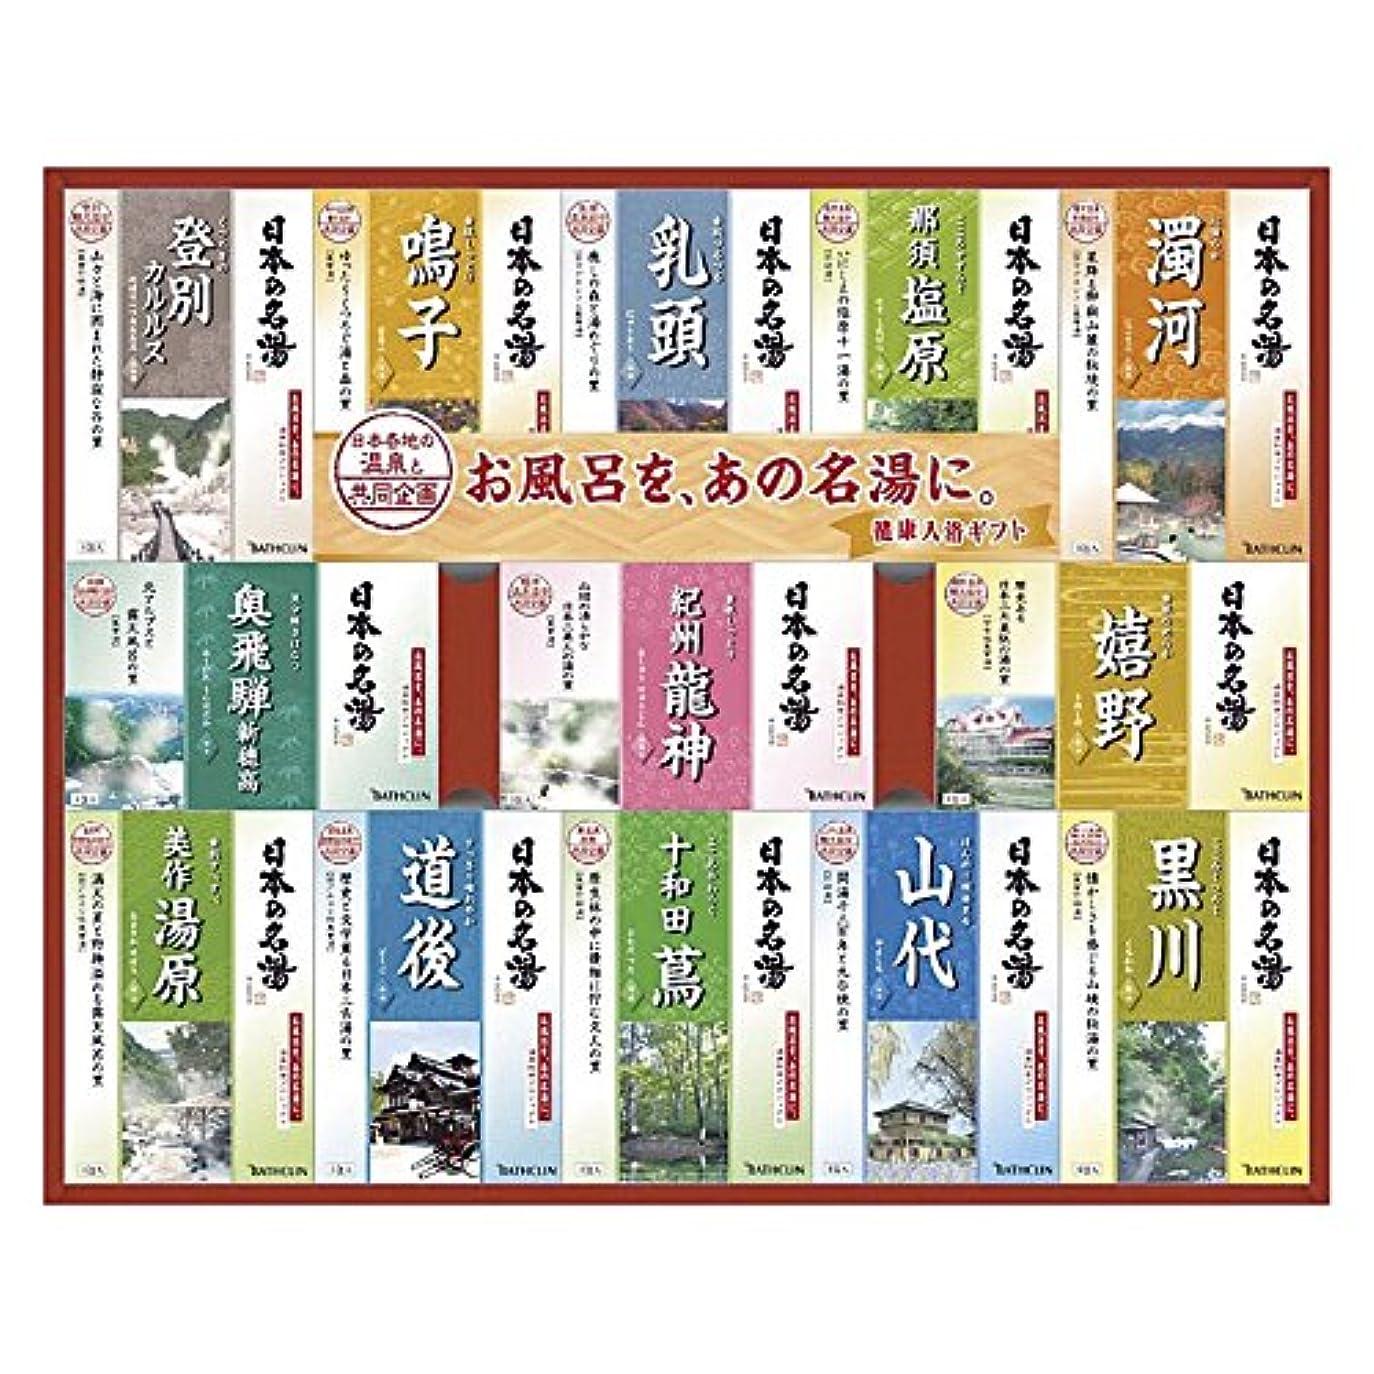 褒賞評価するエンジニアリングバスクリン 日本の名湯 ギフトセット 【保湿 ギフト 温泉 発汗 セット あったまる いろいろ うるおい うるおう しっとり すべすべ はっかん 極楽 ごくらく ゆったり ばすくりん 5000】